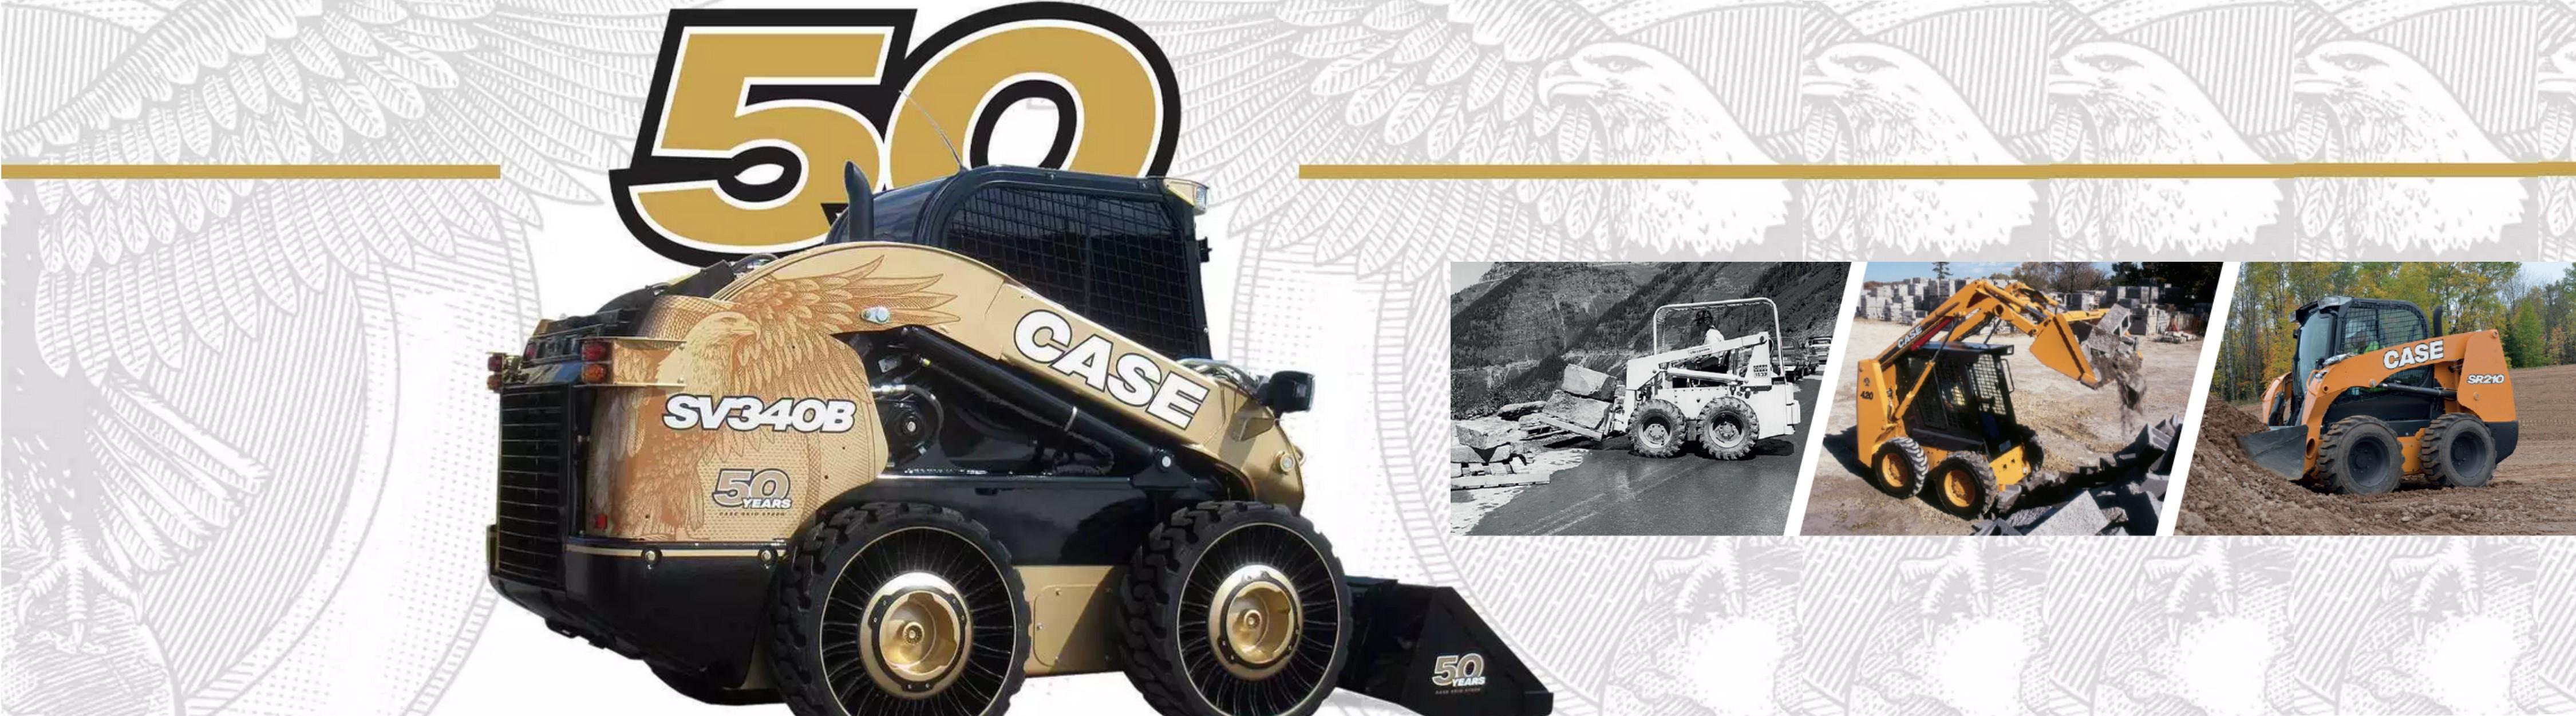 Le minipale CASE festeggiano 50 anni con una versione speciale.